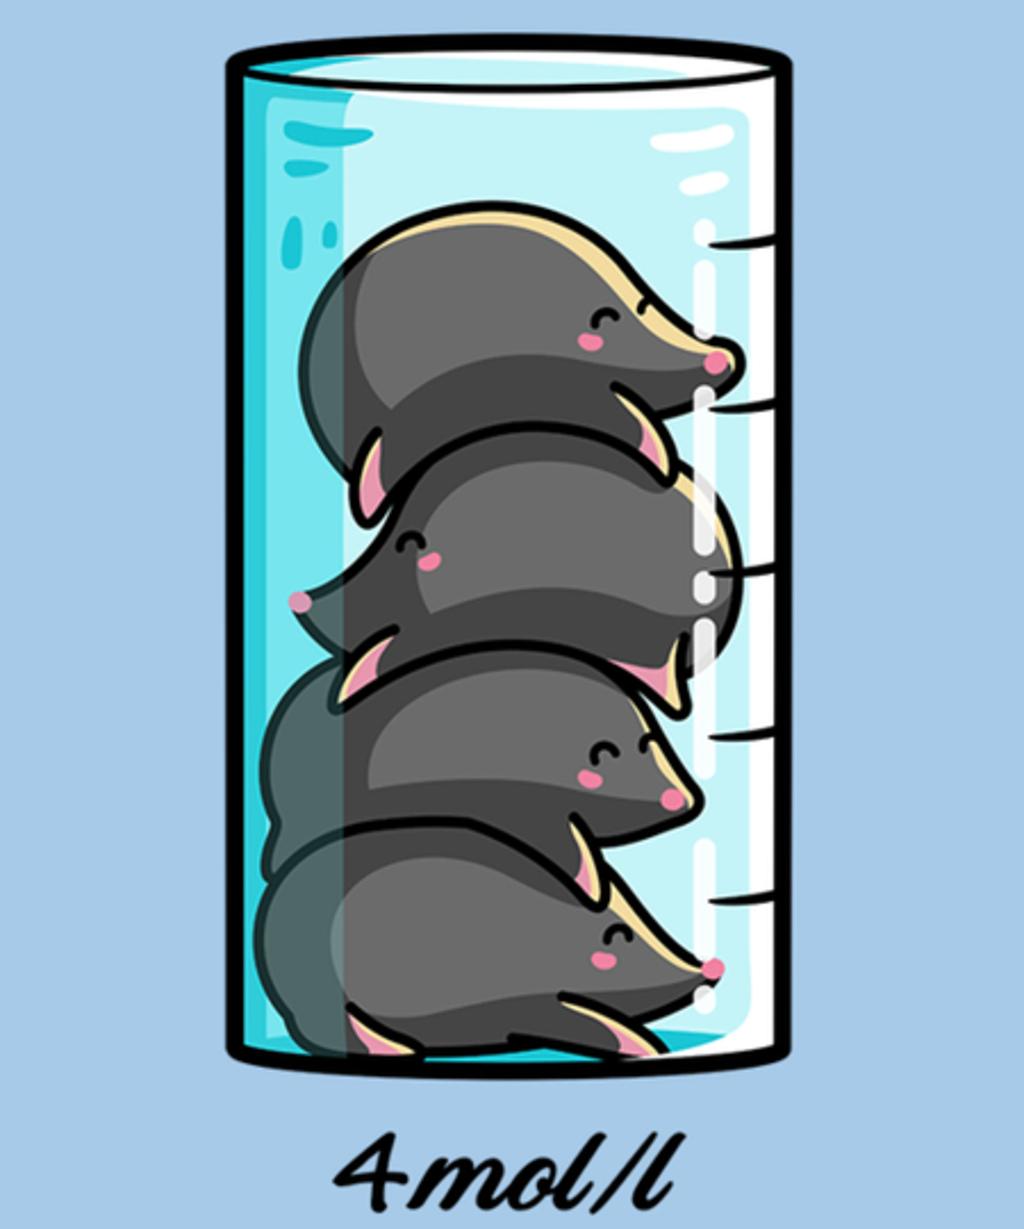 Qwertee: Moles Per Litre